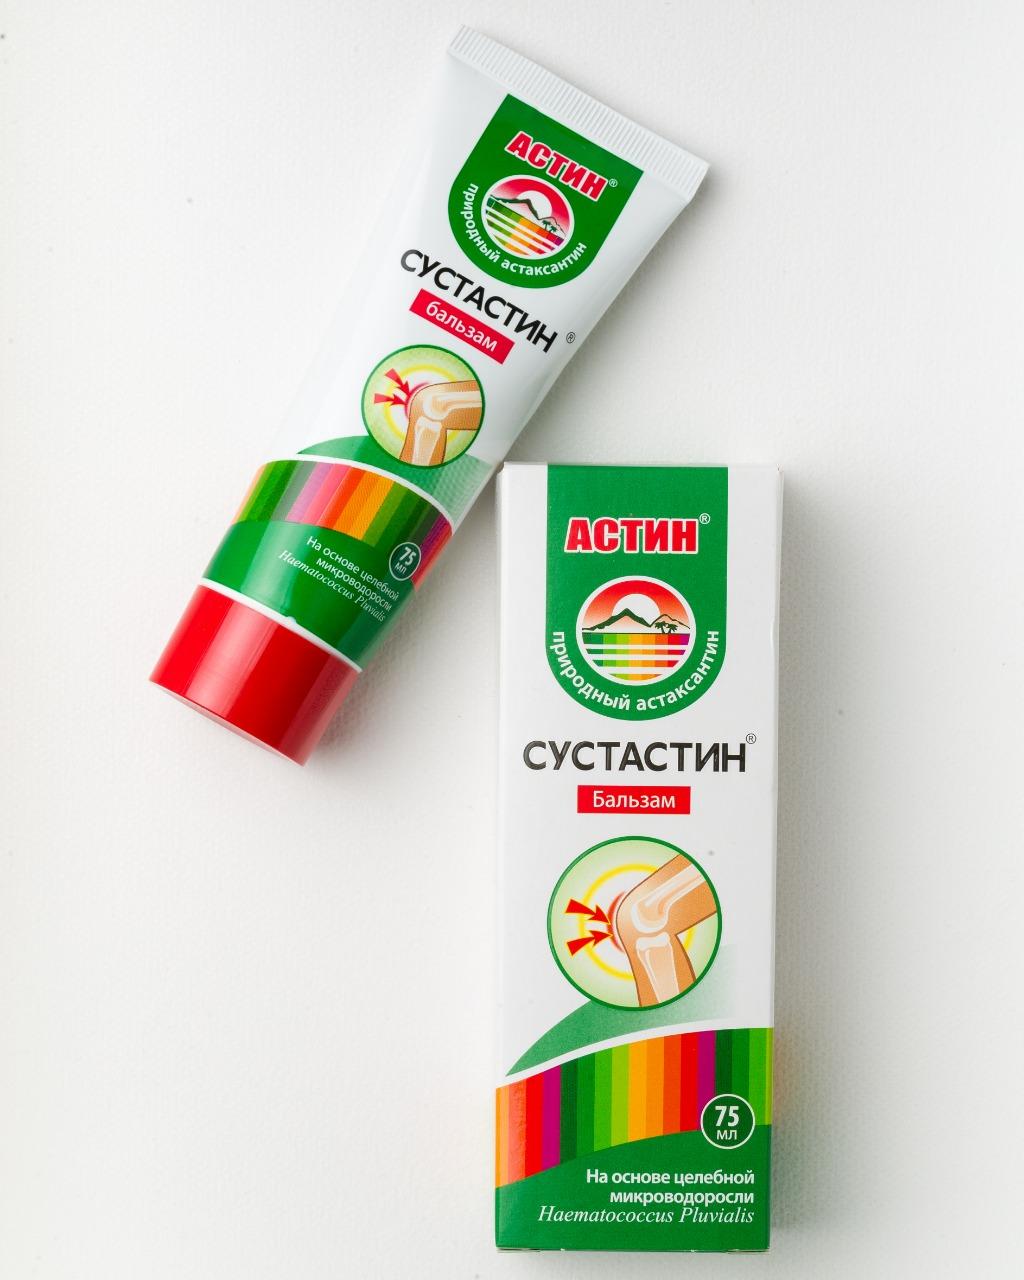 АСТИН СУСТАСТИН бальзам 75мл